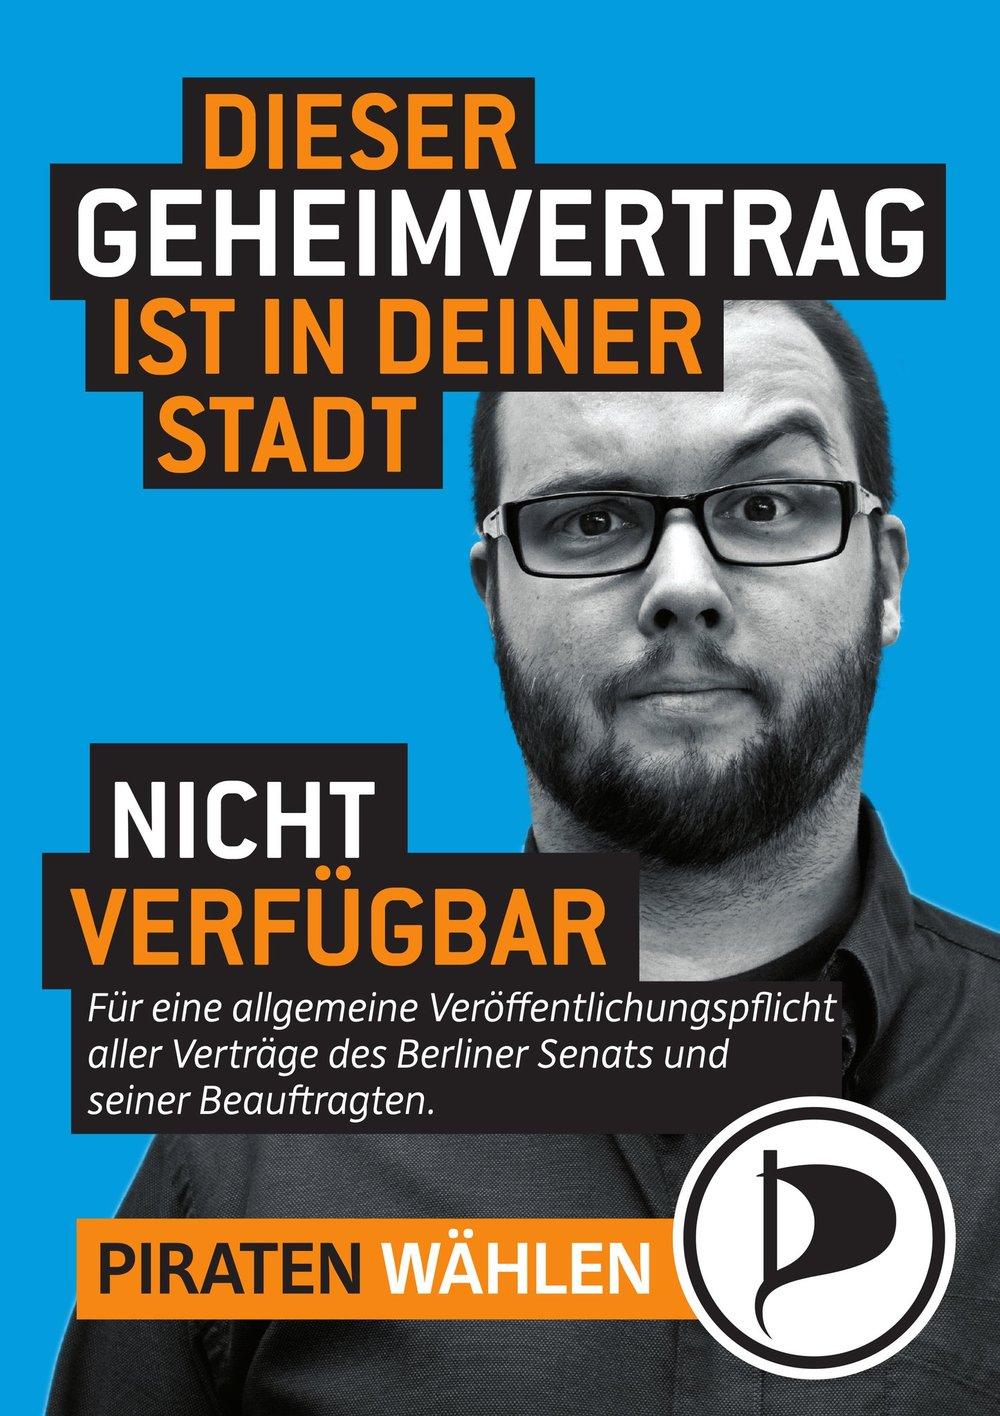 berlinplakat.03.jpg